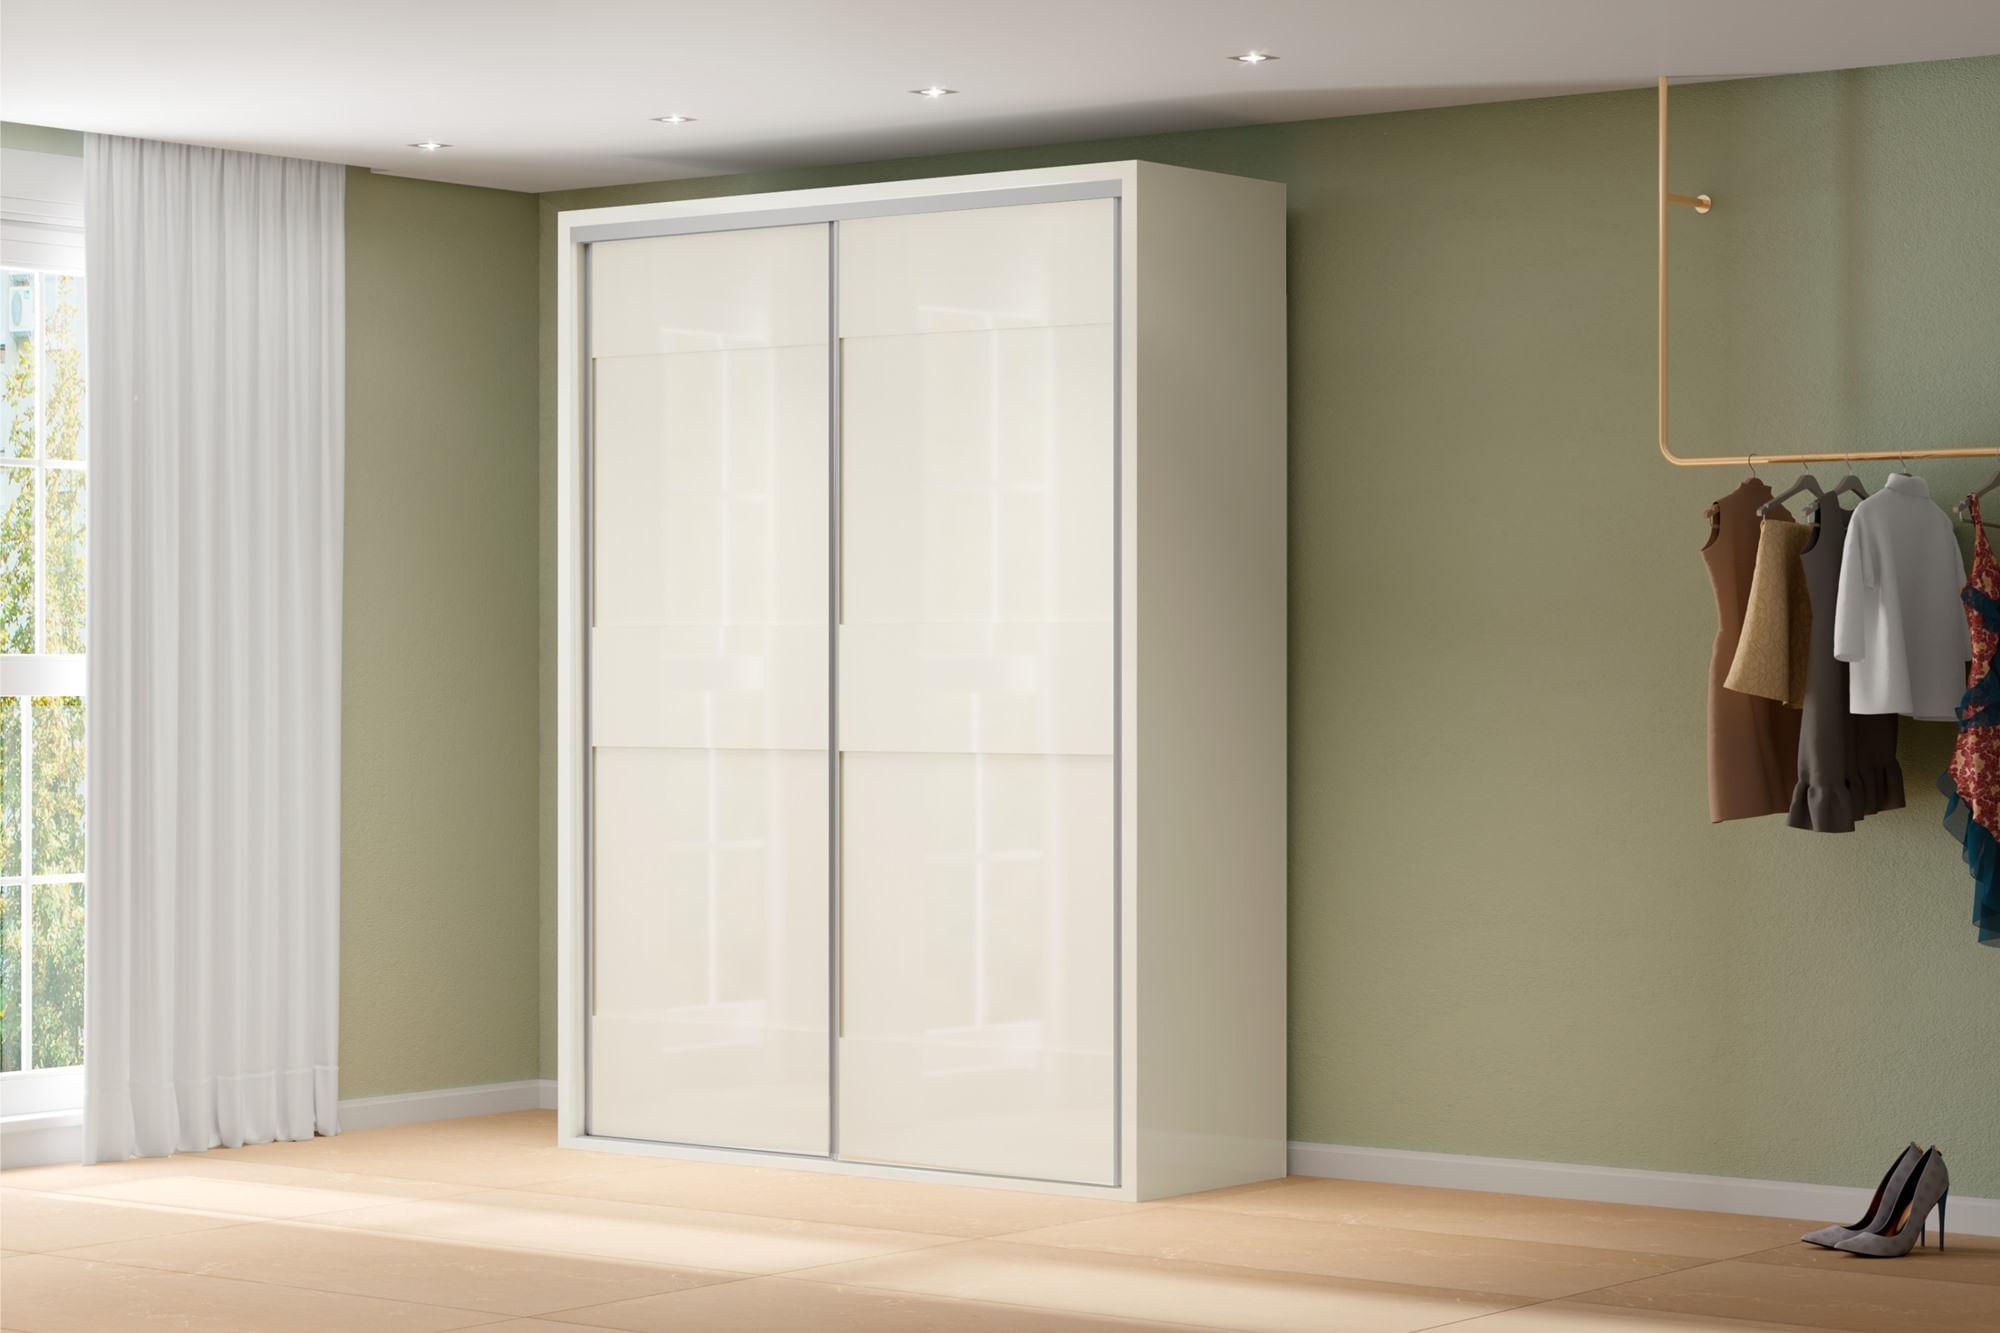 Armario Premium com 2 Portas e 2 Gavetas cor Off White 1,79 MT (LARG) - 56453